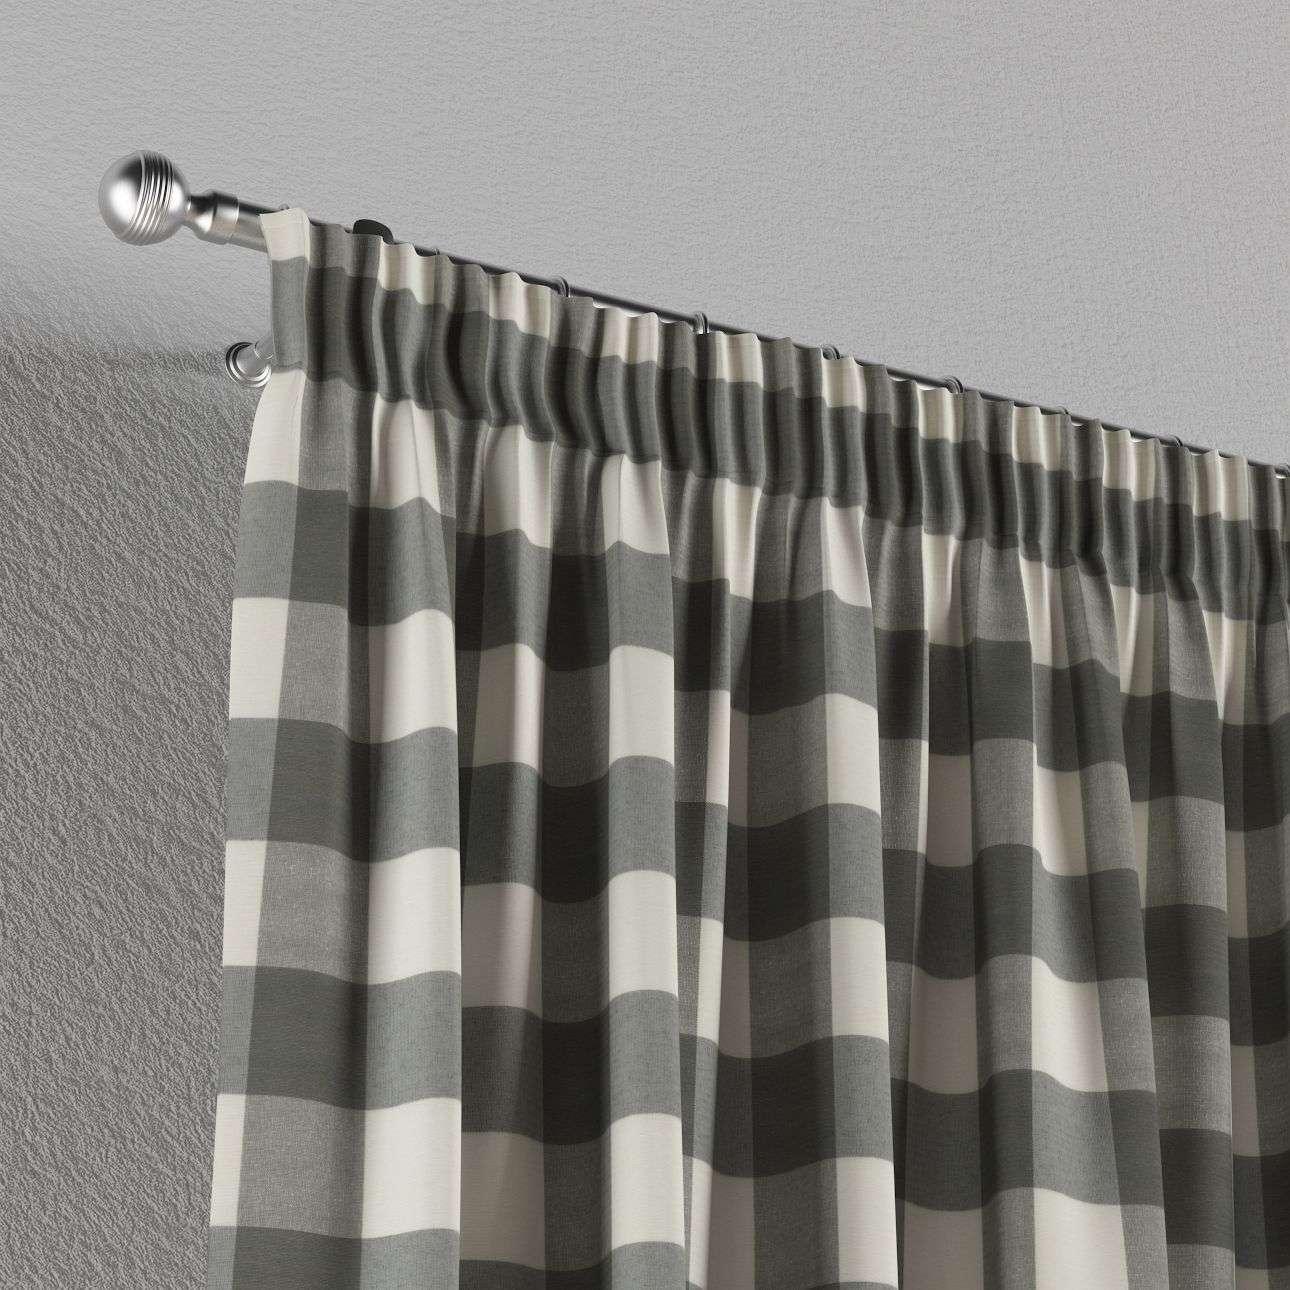 Vorhang mit Kräuselband 1 Stck. 130 x 260 cm von der Kollektion Quadro, Stoff: 136-13